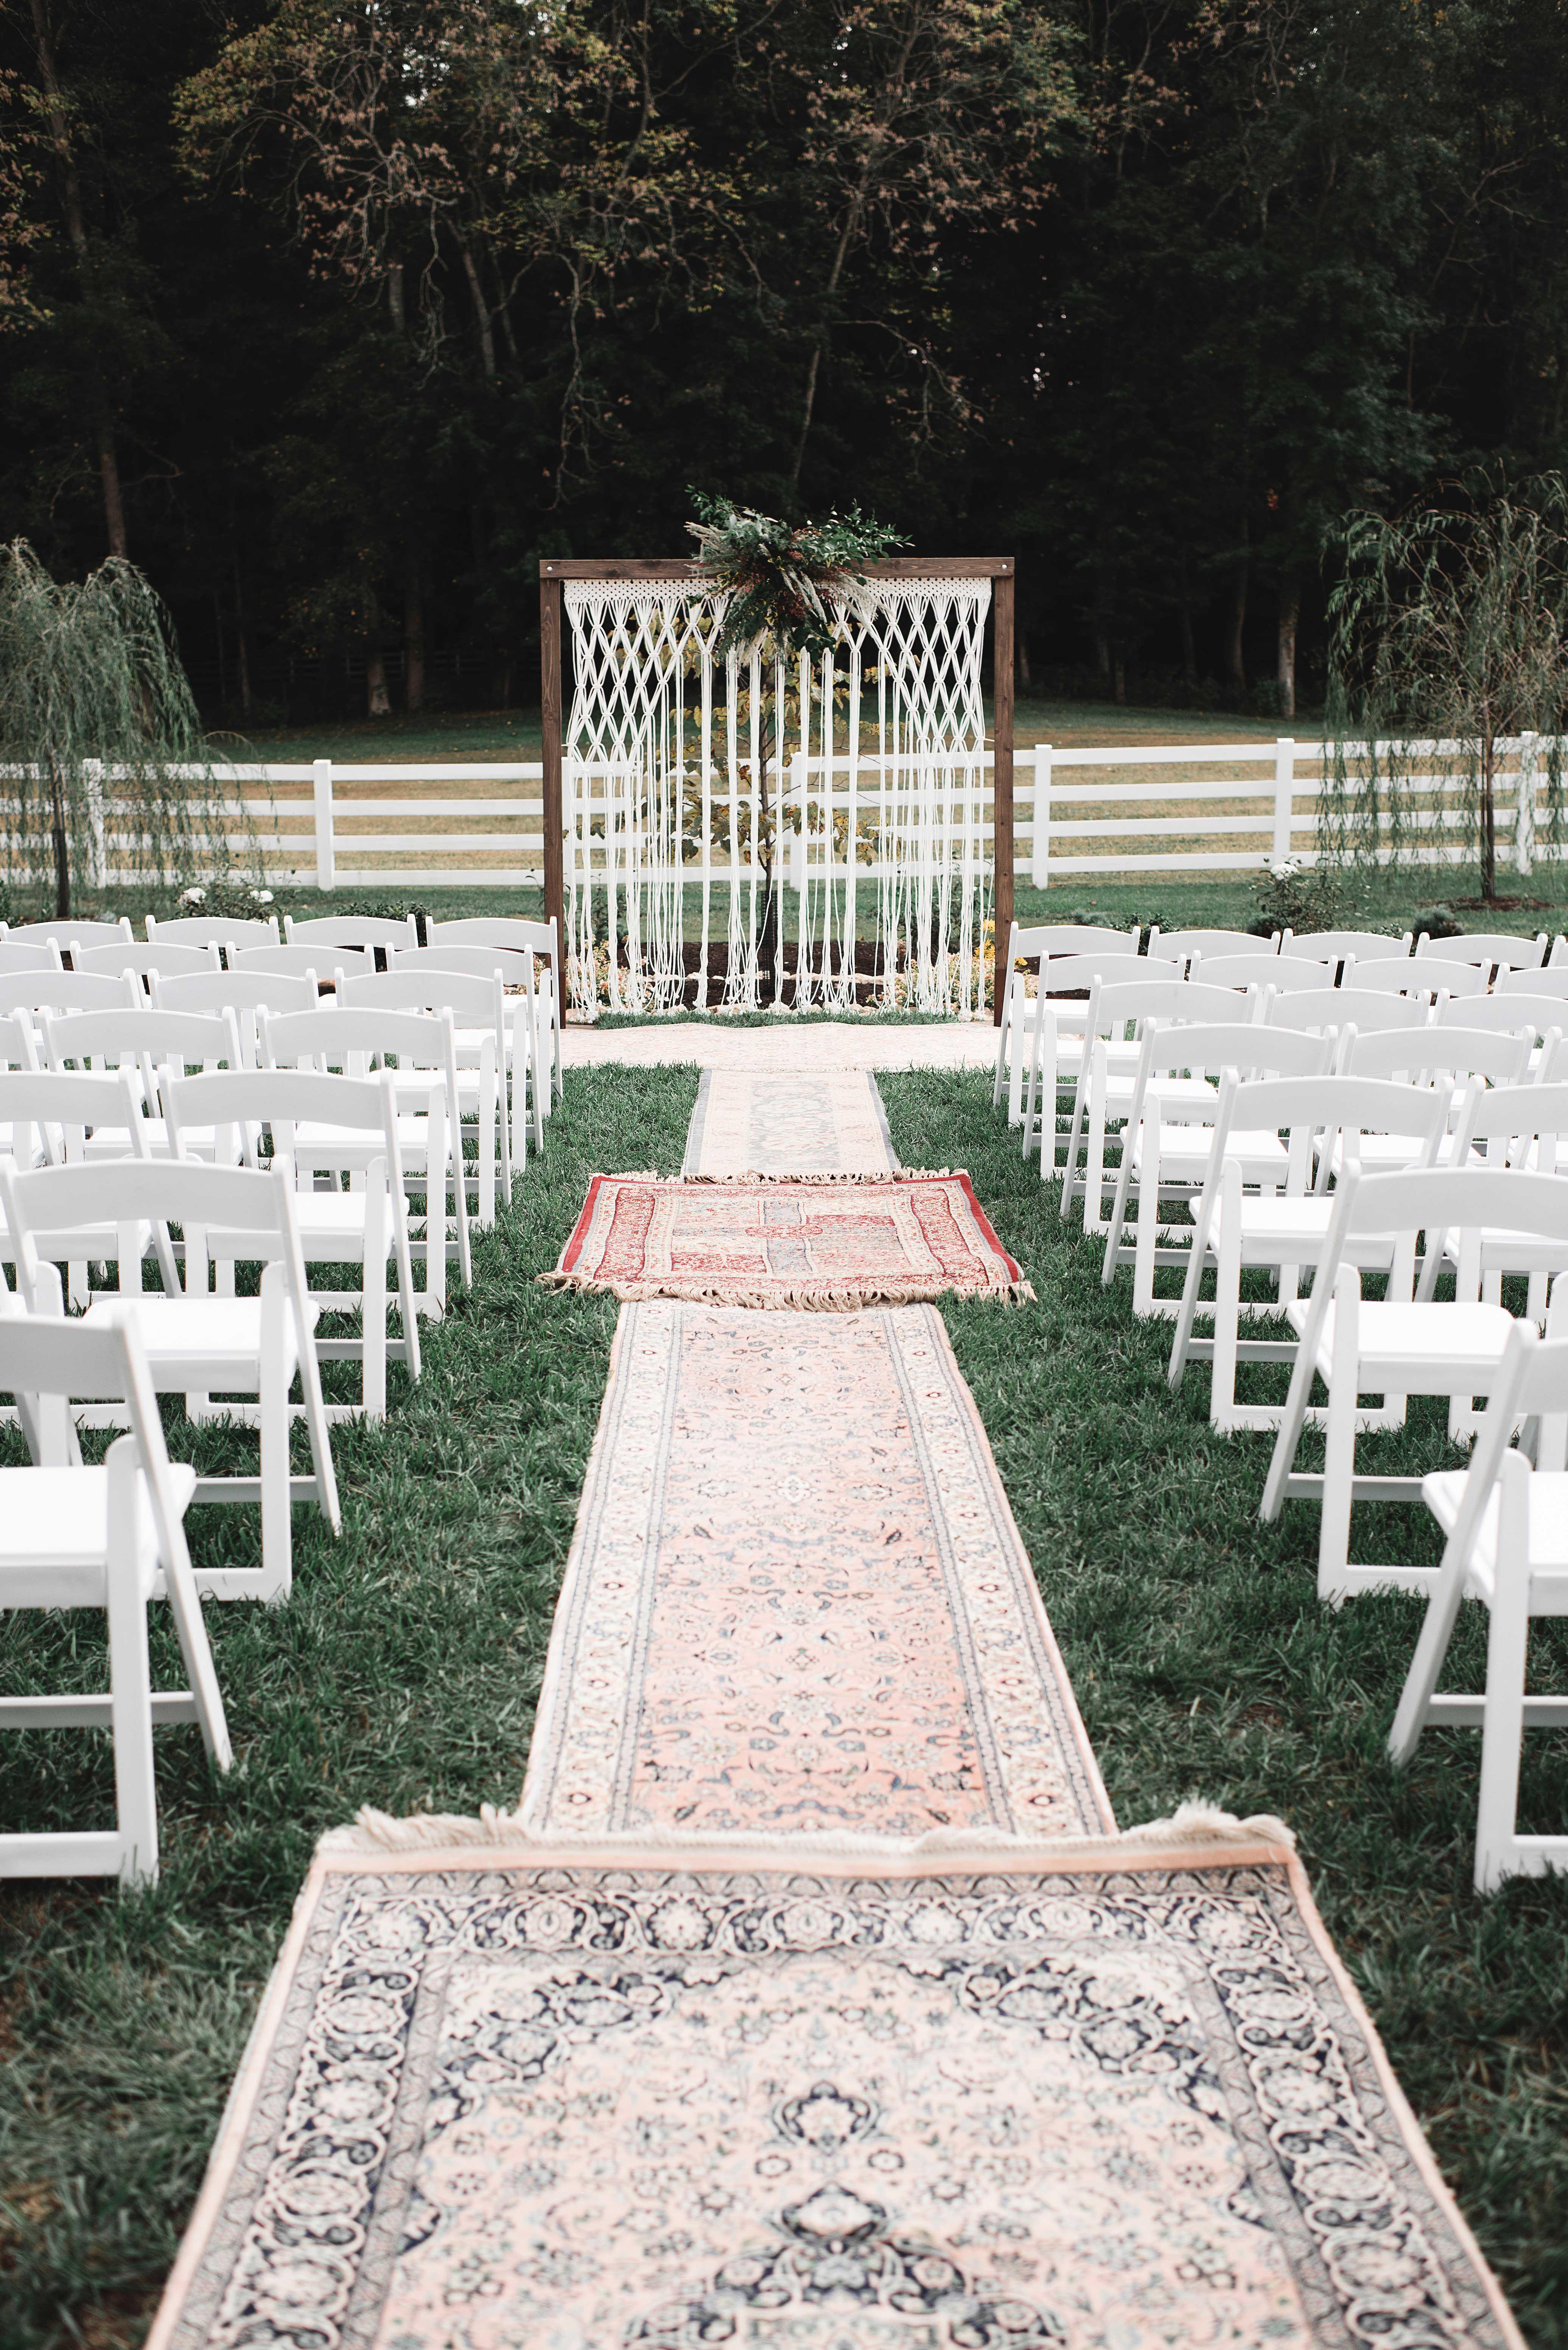 rugs ceremony site